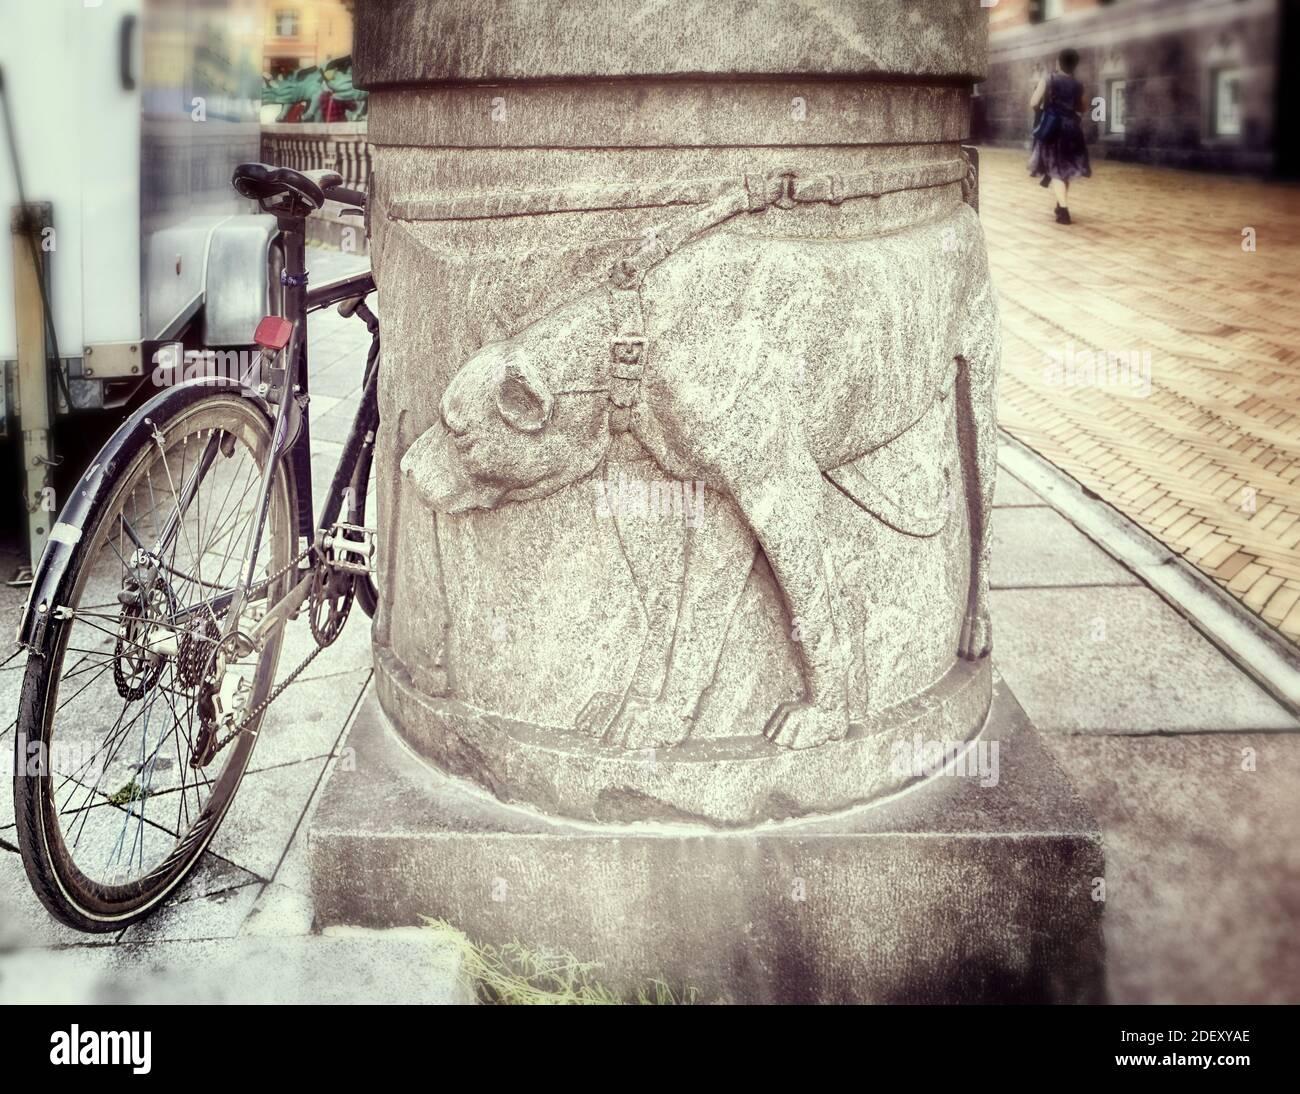 Un chien à collier sculpté à la base d'une colonne le long de la passerelle semble intéressé par une roue à vélo garée à proximité (pour prendre une fuite?), Copenhague Banque D'Images